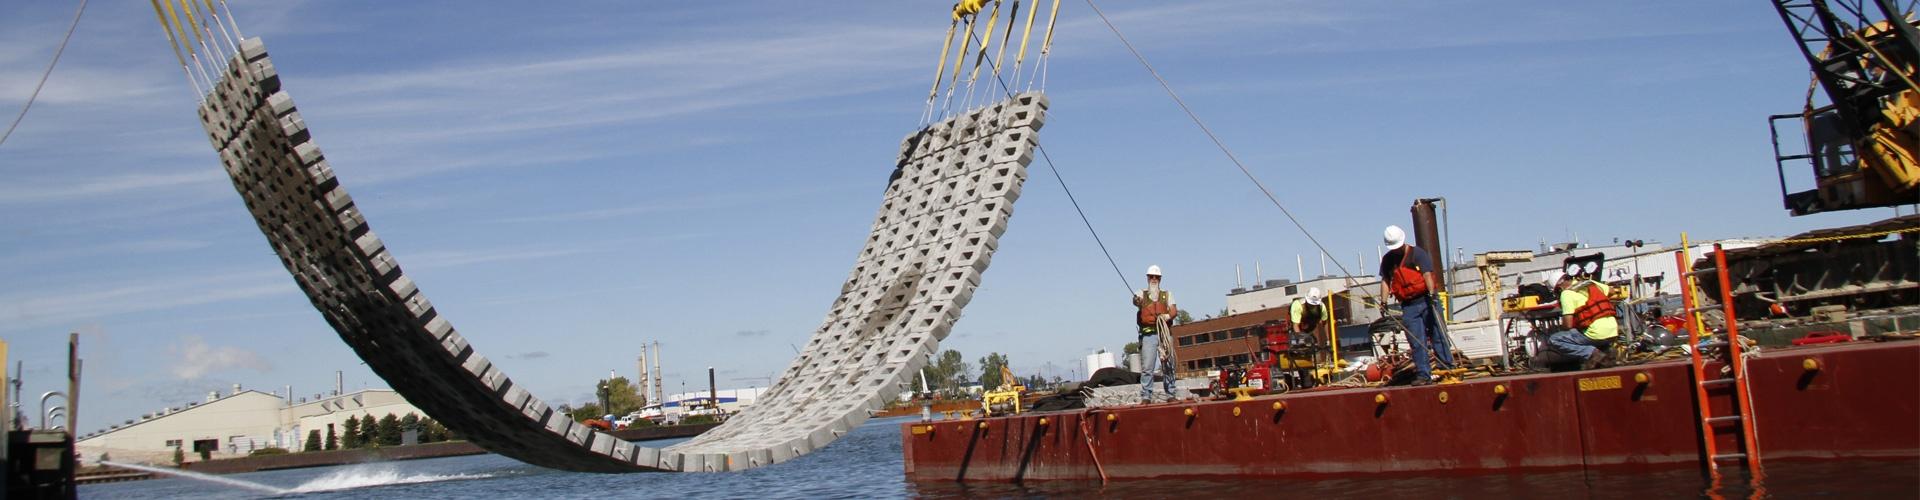 precast articulating block mats, concrete articulating block mats, erosion control, embankment protection, scour remediation, bridge scour protection